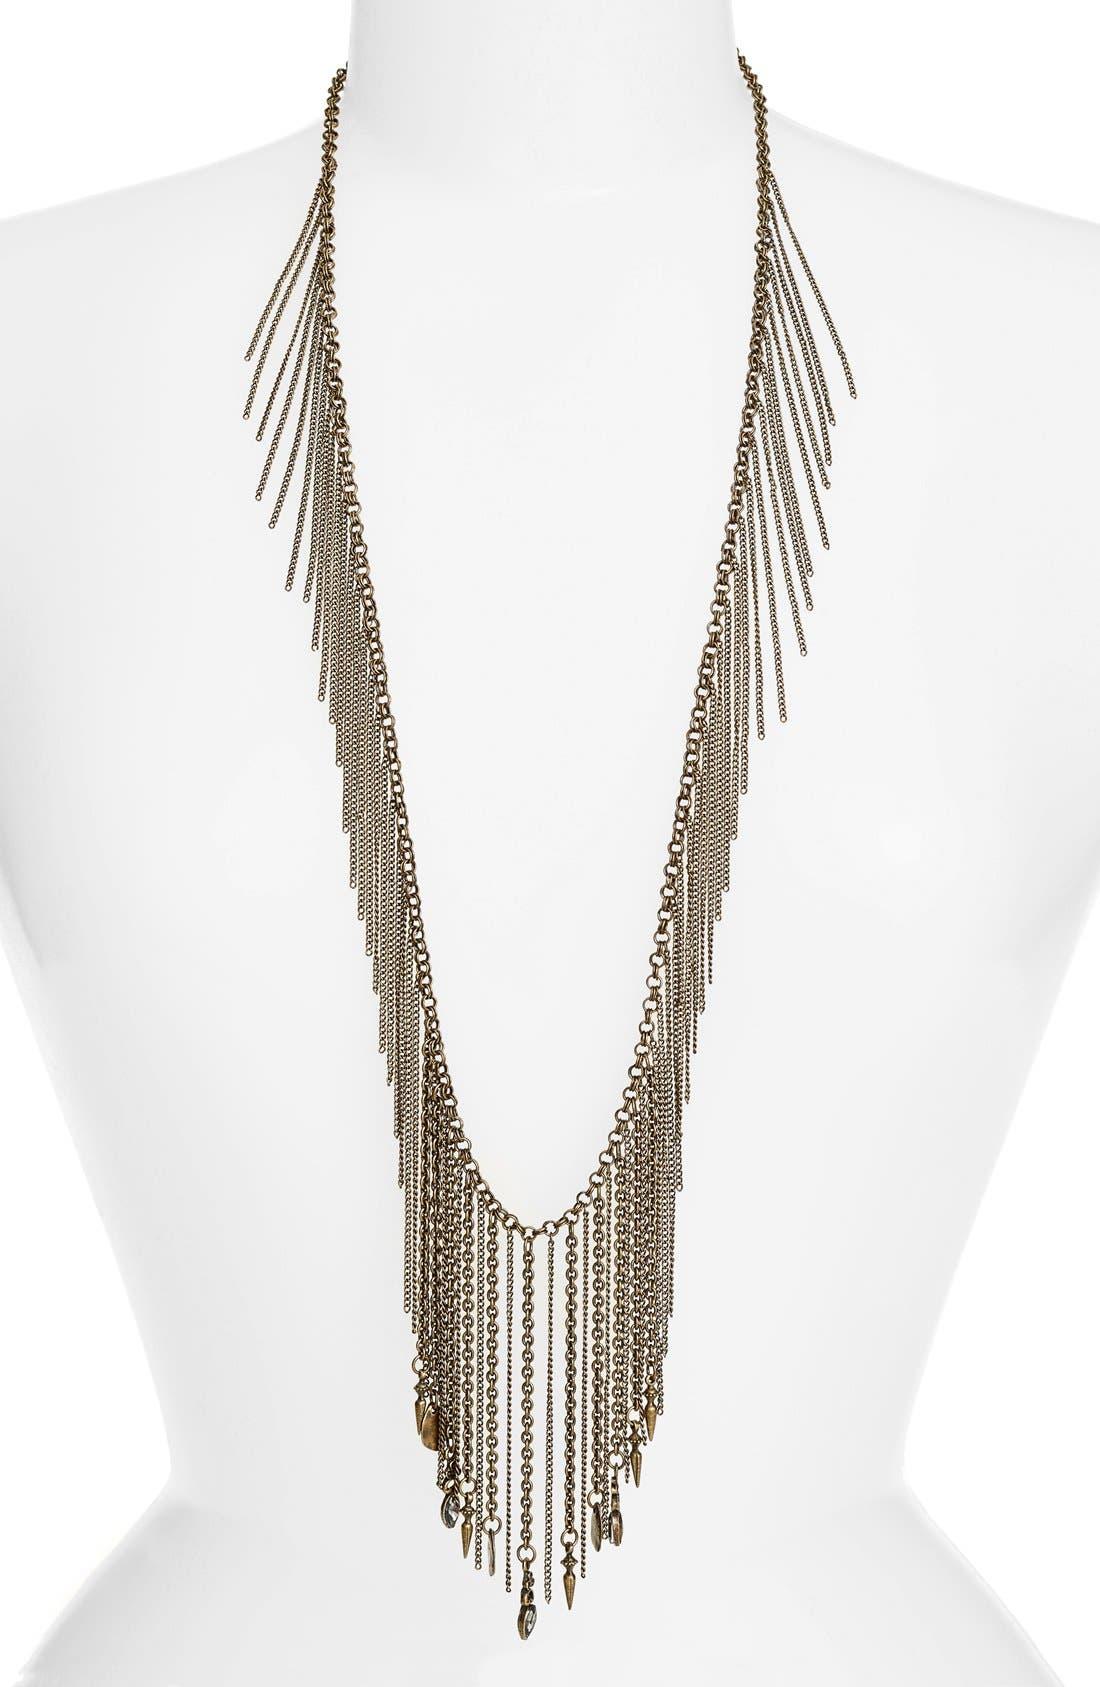 Fringe Tassel Statement Necklace,                         Main,                         color, Antique Brass/ Gold